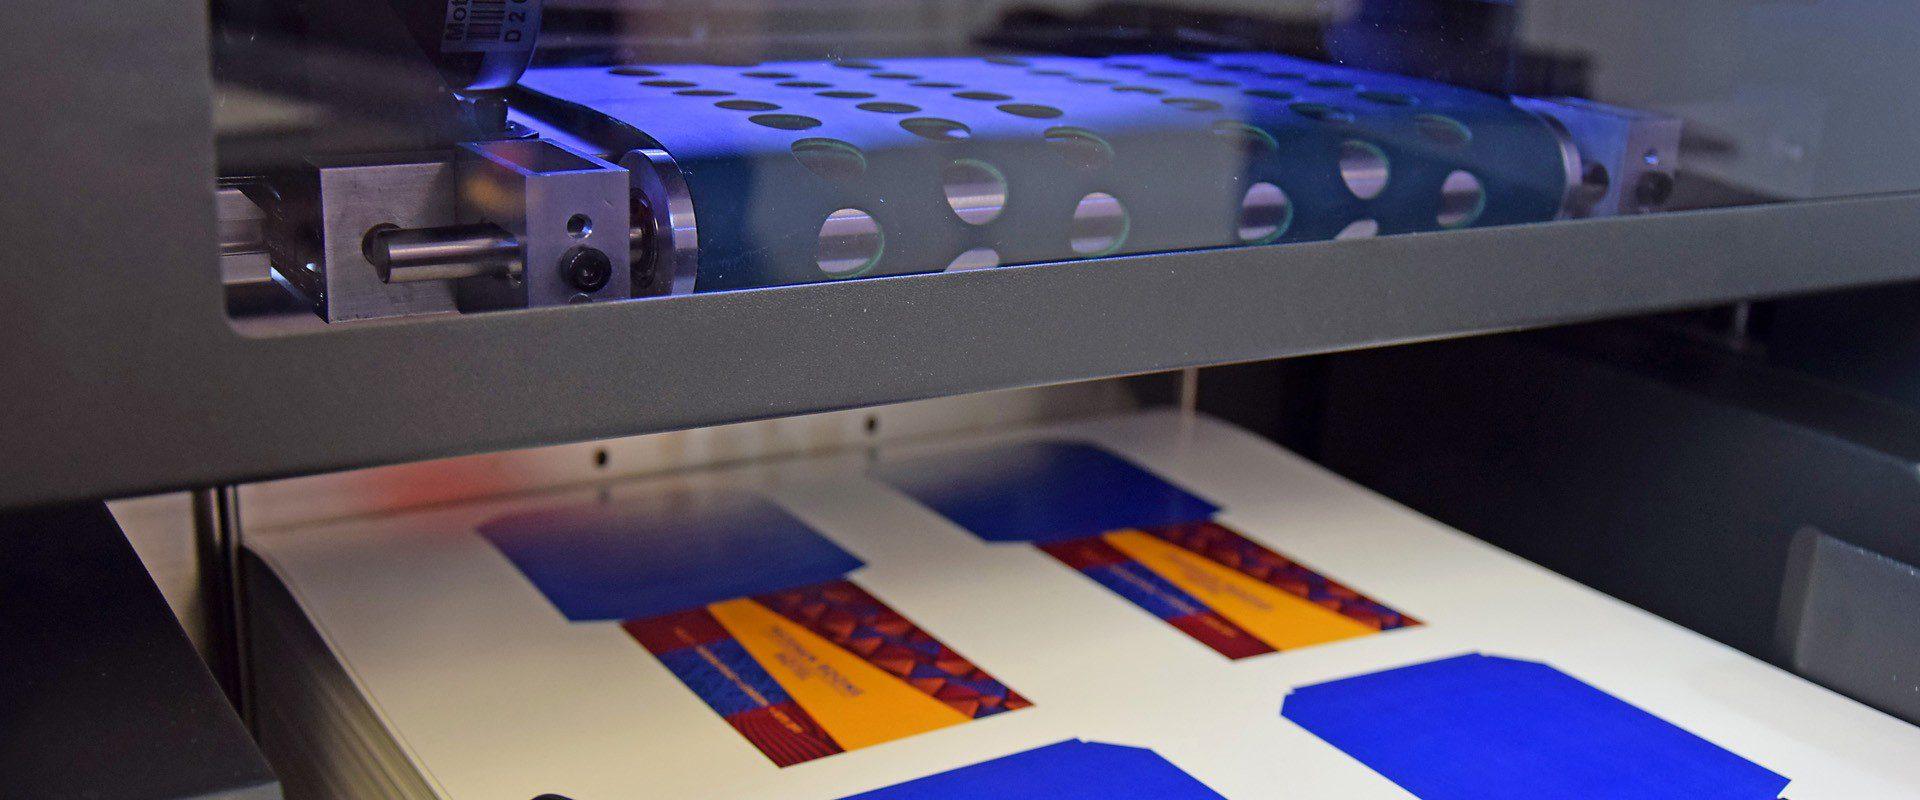 ColorCut SC5000 suction media pick up